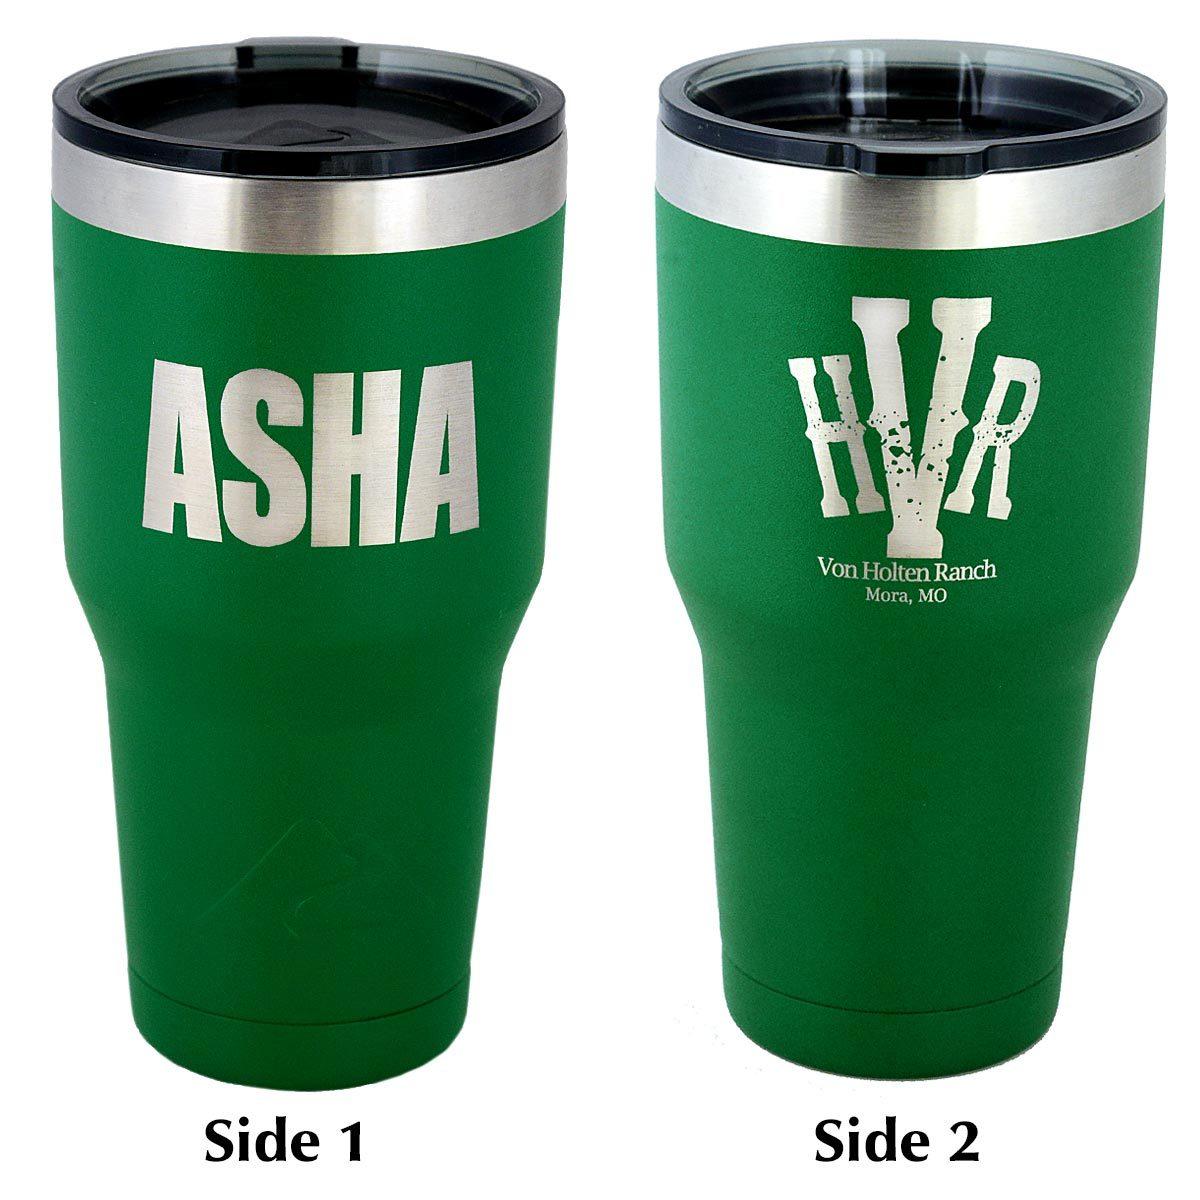 ASHA 30 oz. Insulated Tumbler